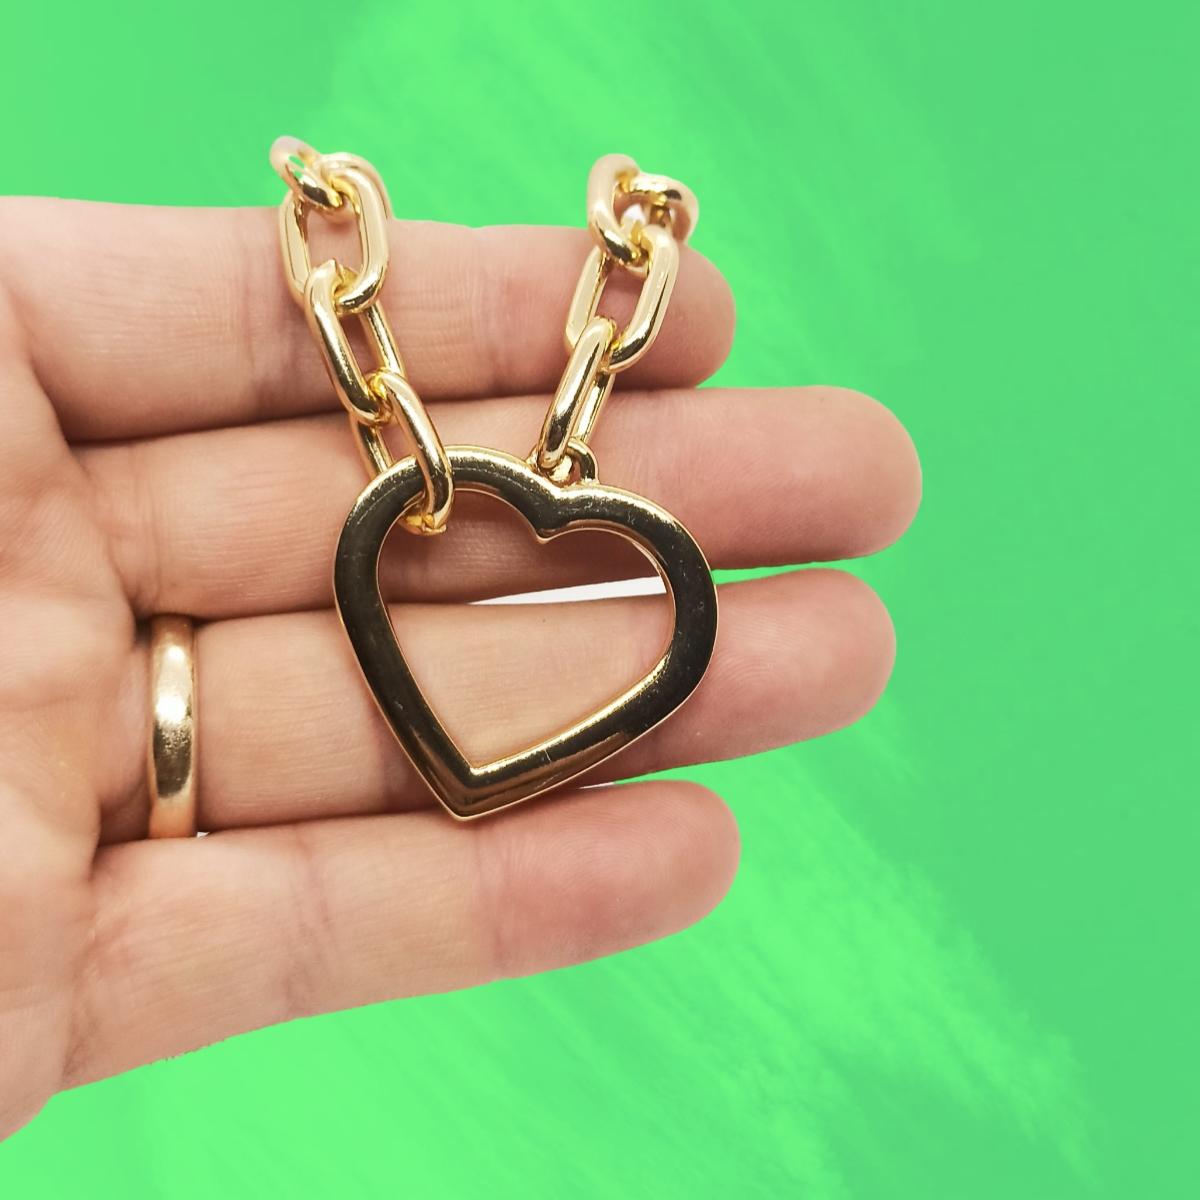 Pulseira com Coração Grande, Elos Ovais, Fecho de Coração, Dourada.